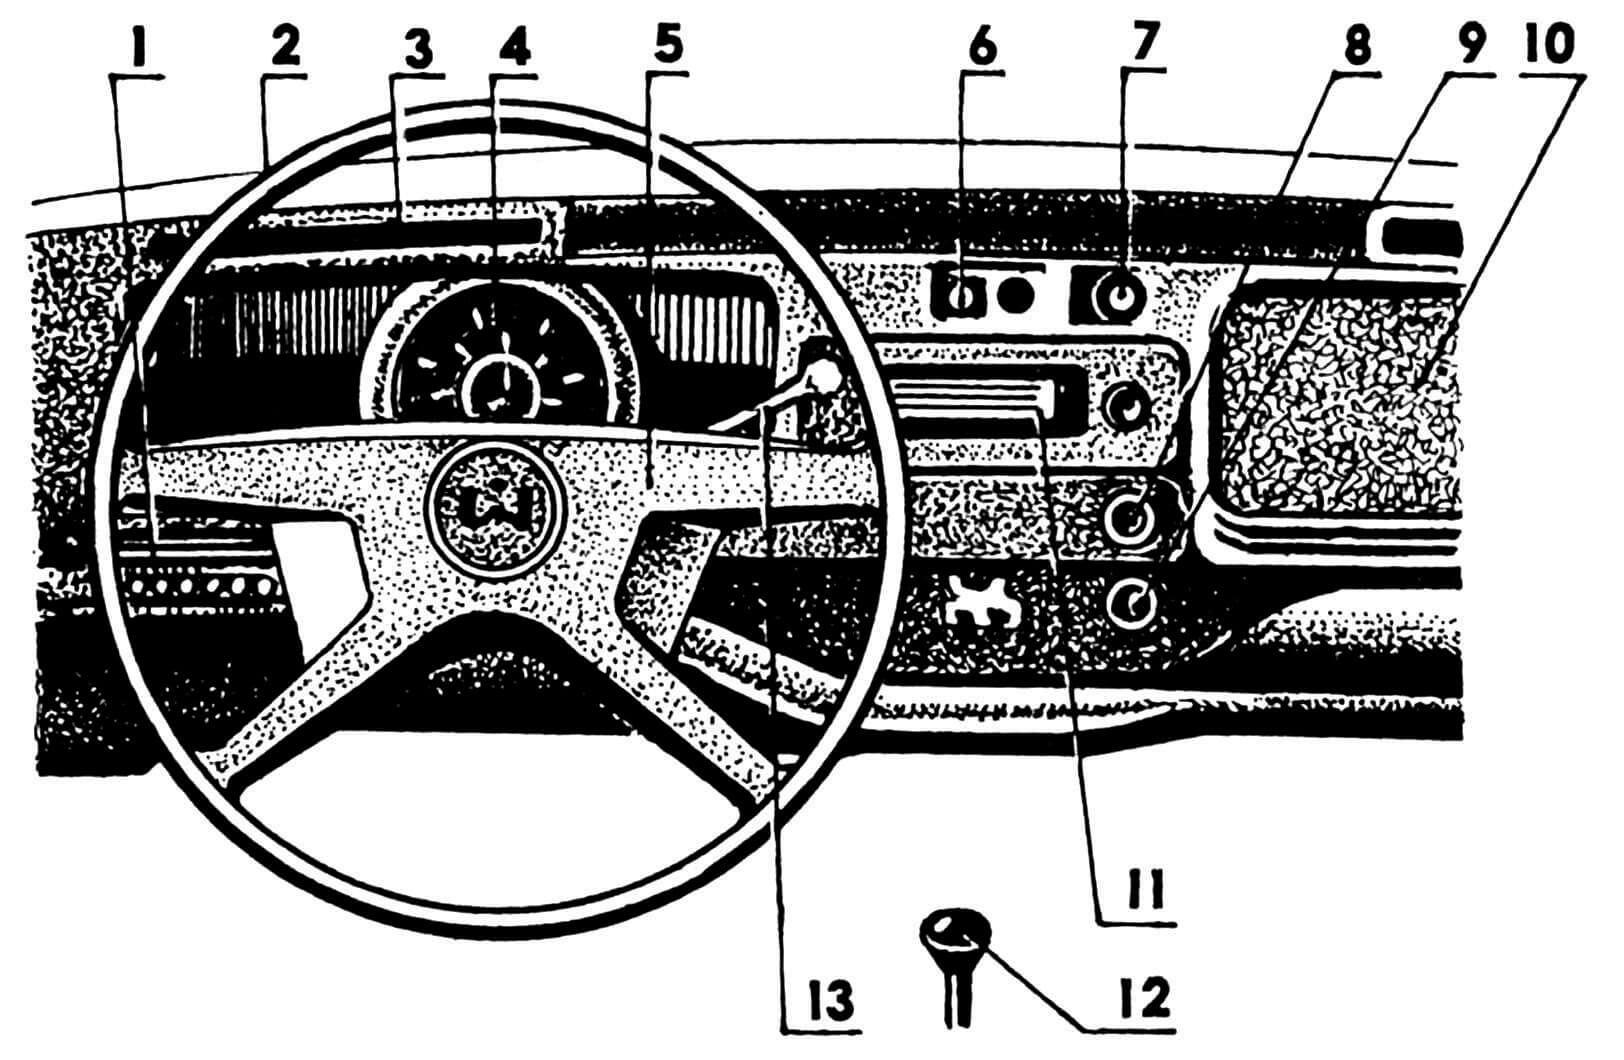 Органы управления и контроля: 1 — переключатель универсальный; 2 — колесо рулевое; 3 — сопло вентиляции и отопления; 4 — спидометр и комбинация приборов; 5 — кнопка звукового сигнала; 6 — кнопка дополнительная; 7 — регулятор системы вентиляции и отопления; 8 — прикуриватель; 9 — лампа аварийной сигнализации; 10 — ящик вещевой; 11 — радиоприемник; 12 — рычаг переключения передач; 13 — рычаг управления стеклоочистителями.